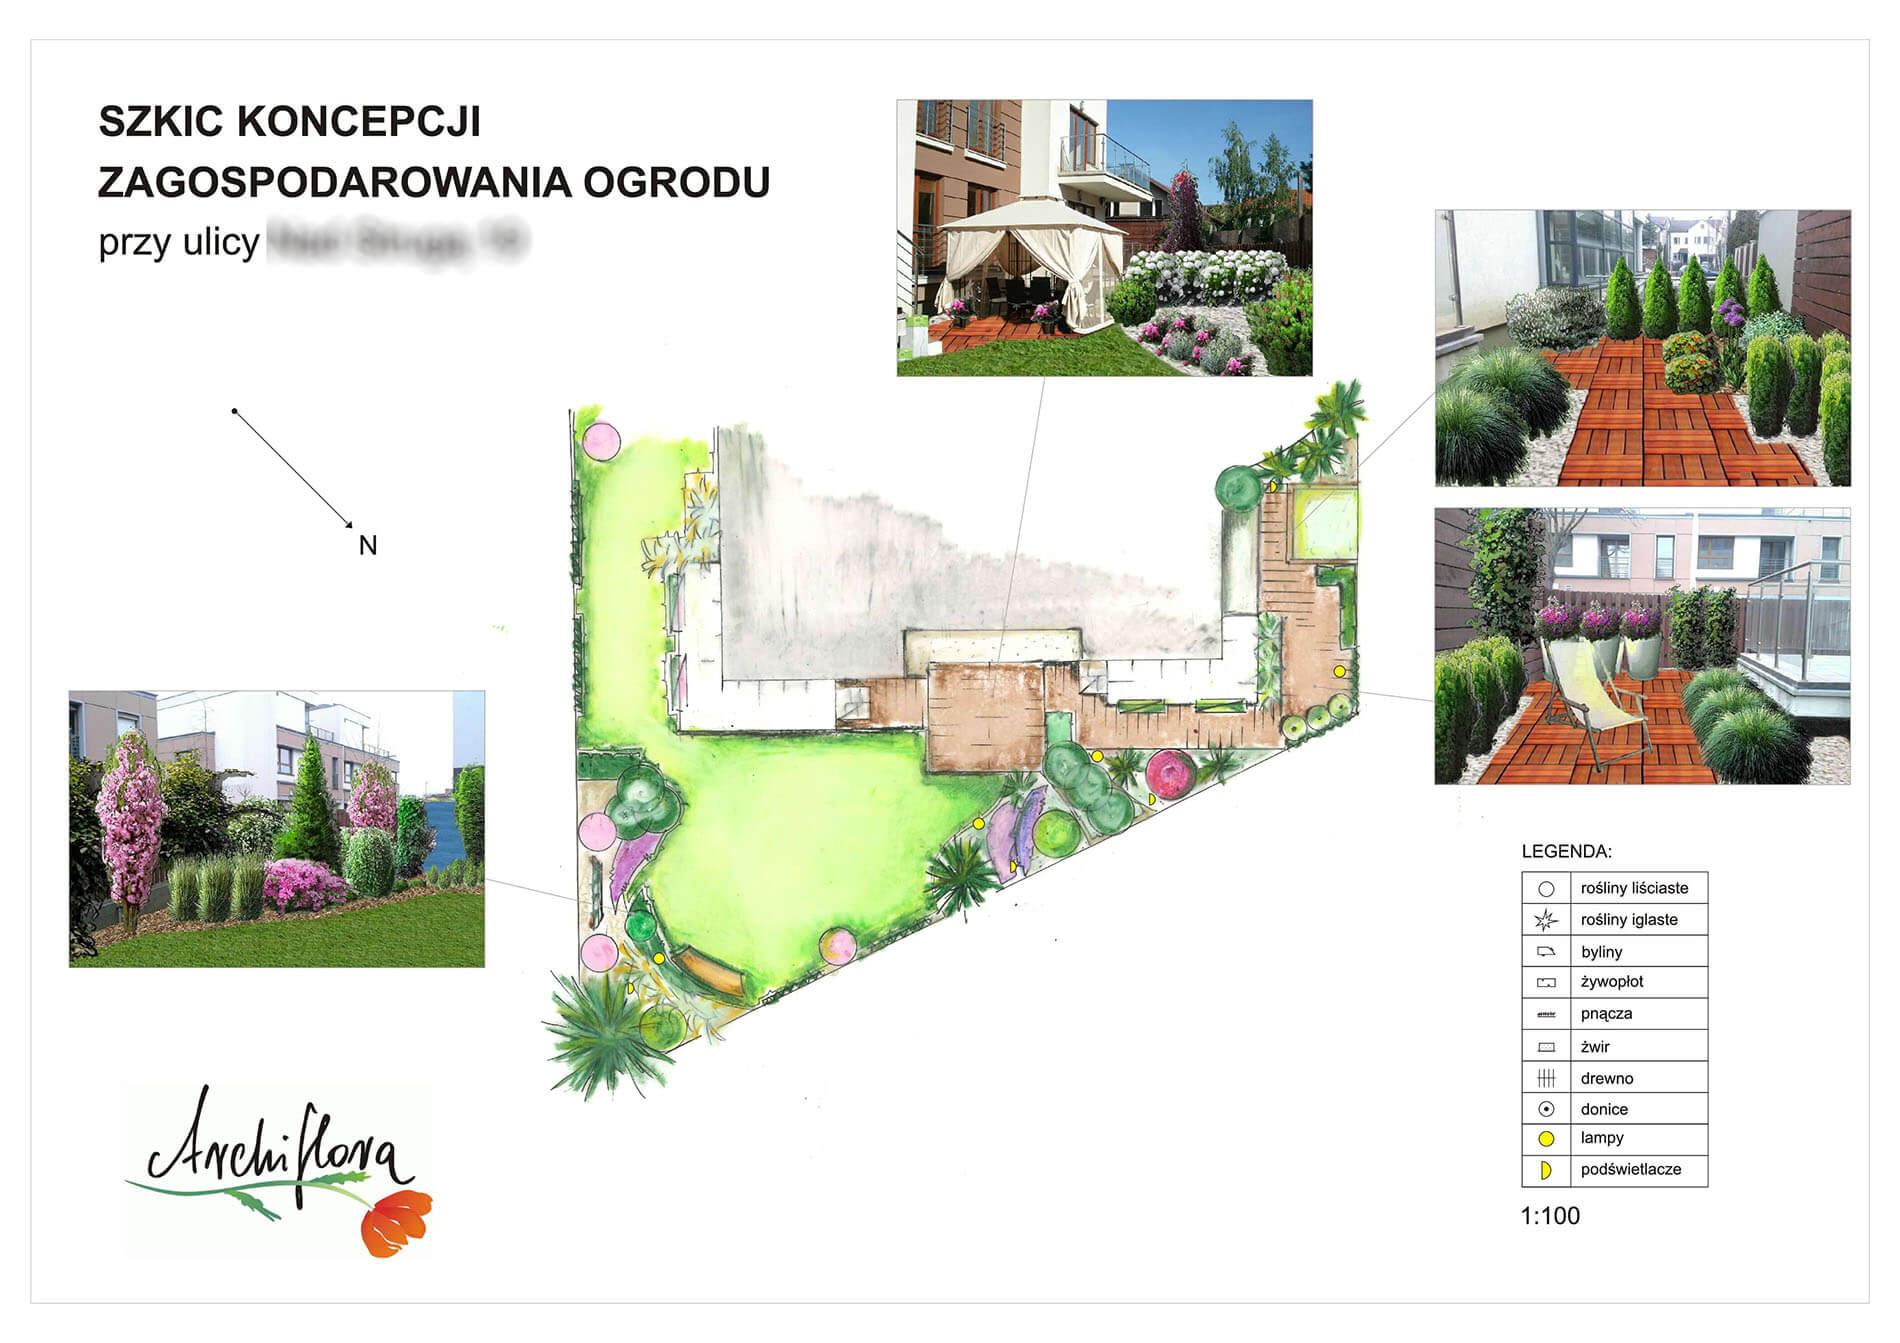 szkic koncepcji zagospodarownia ogrodu